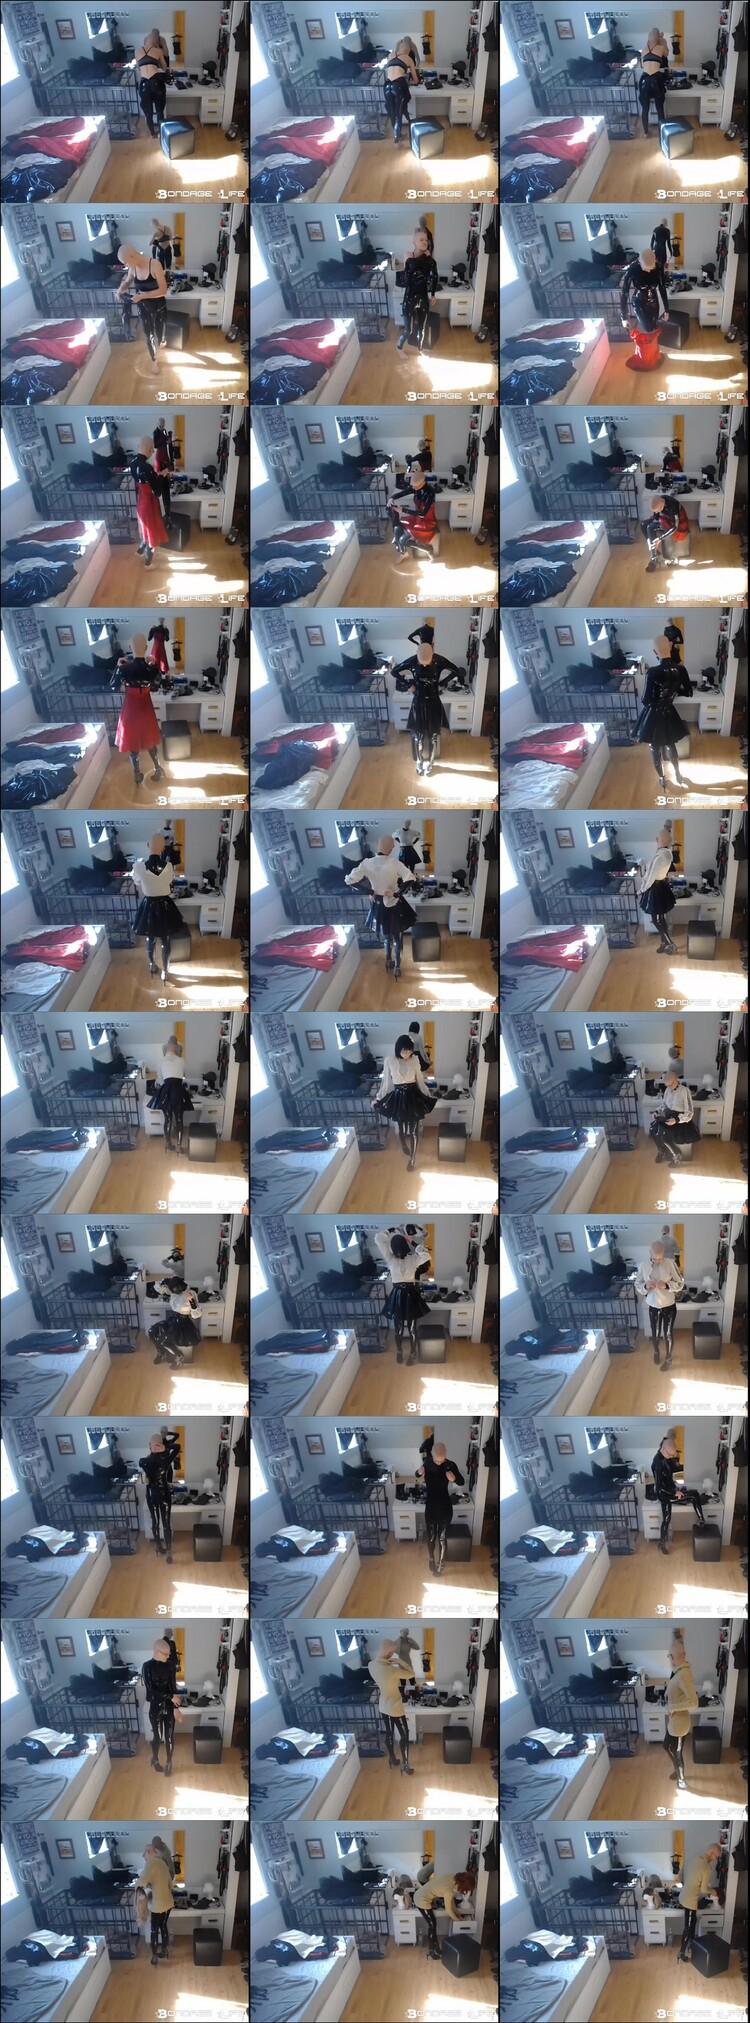 [Rachel Greyhound - 2.Dec.19] Vanilla Latex Dressup - BondageLife.com [Bondage, Vanilla, Latex]_thumb.jpg